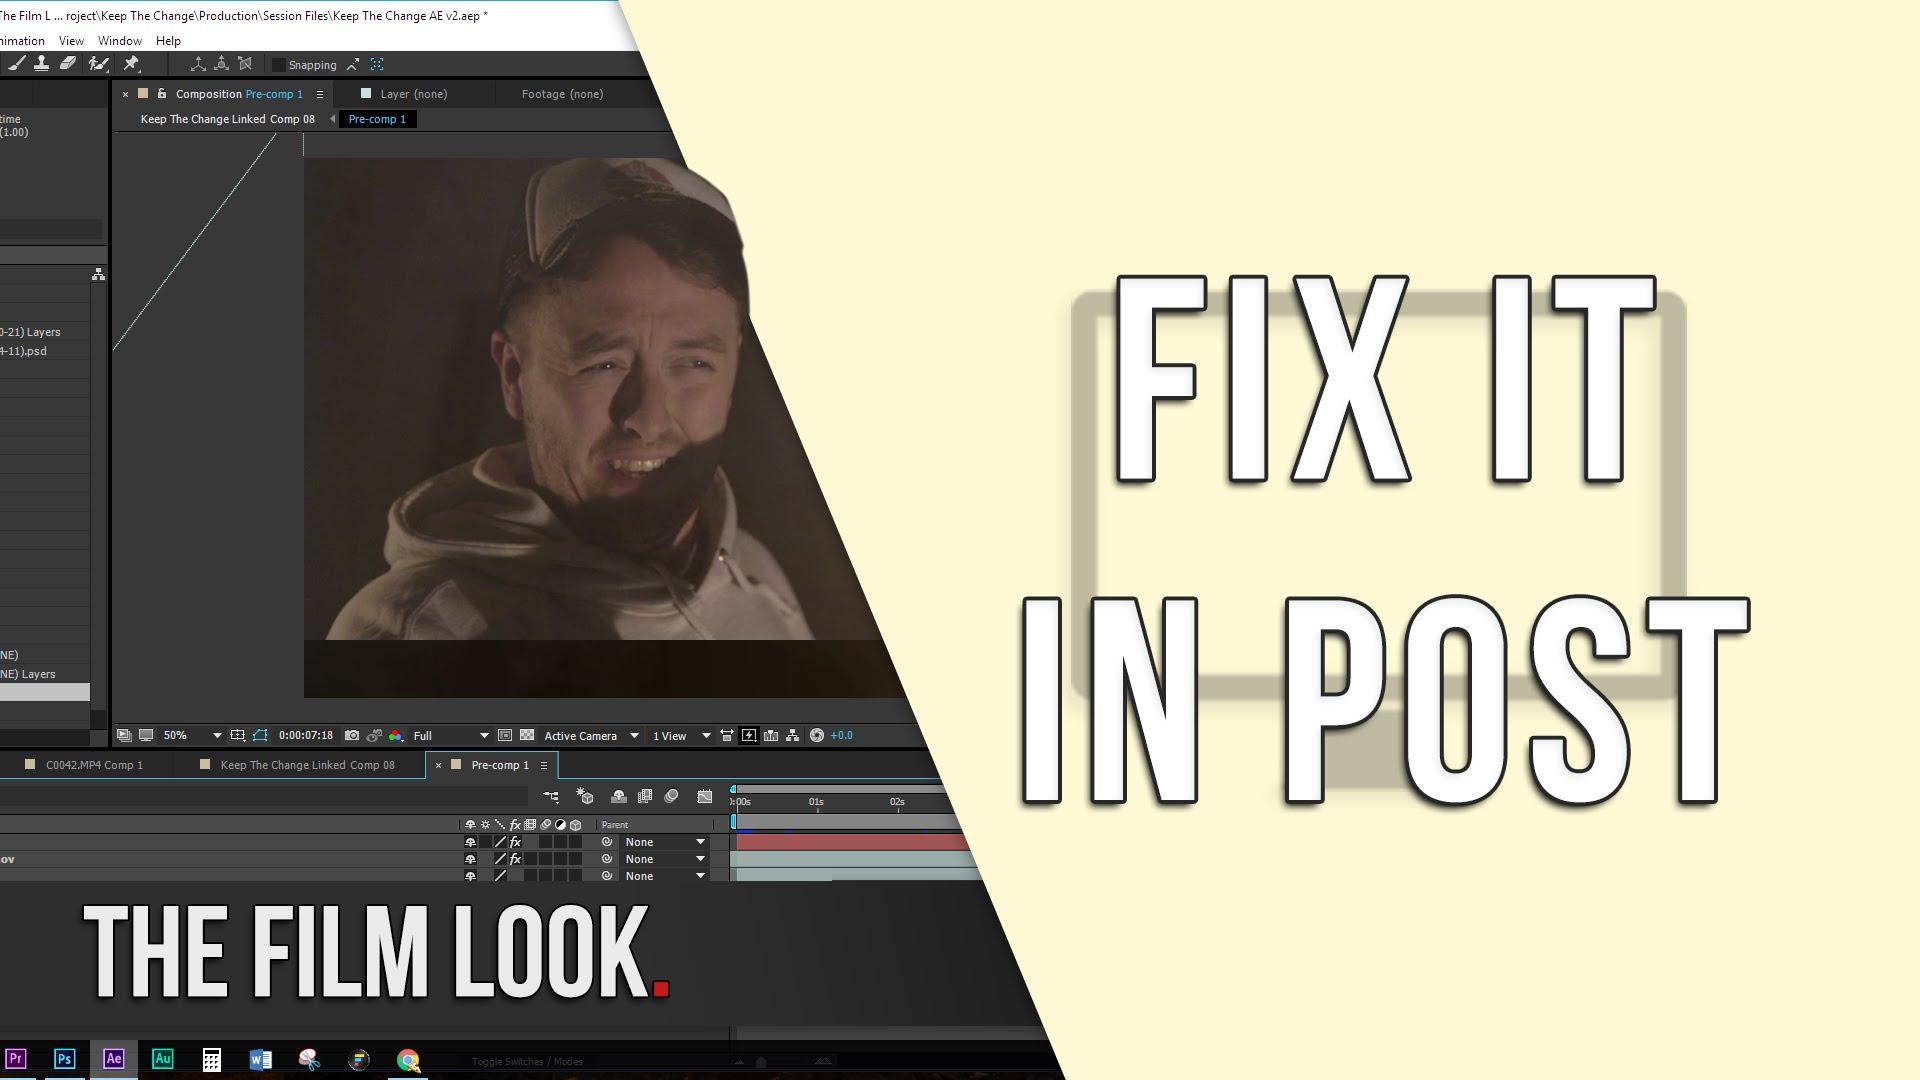 Fix it in Post.jpg